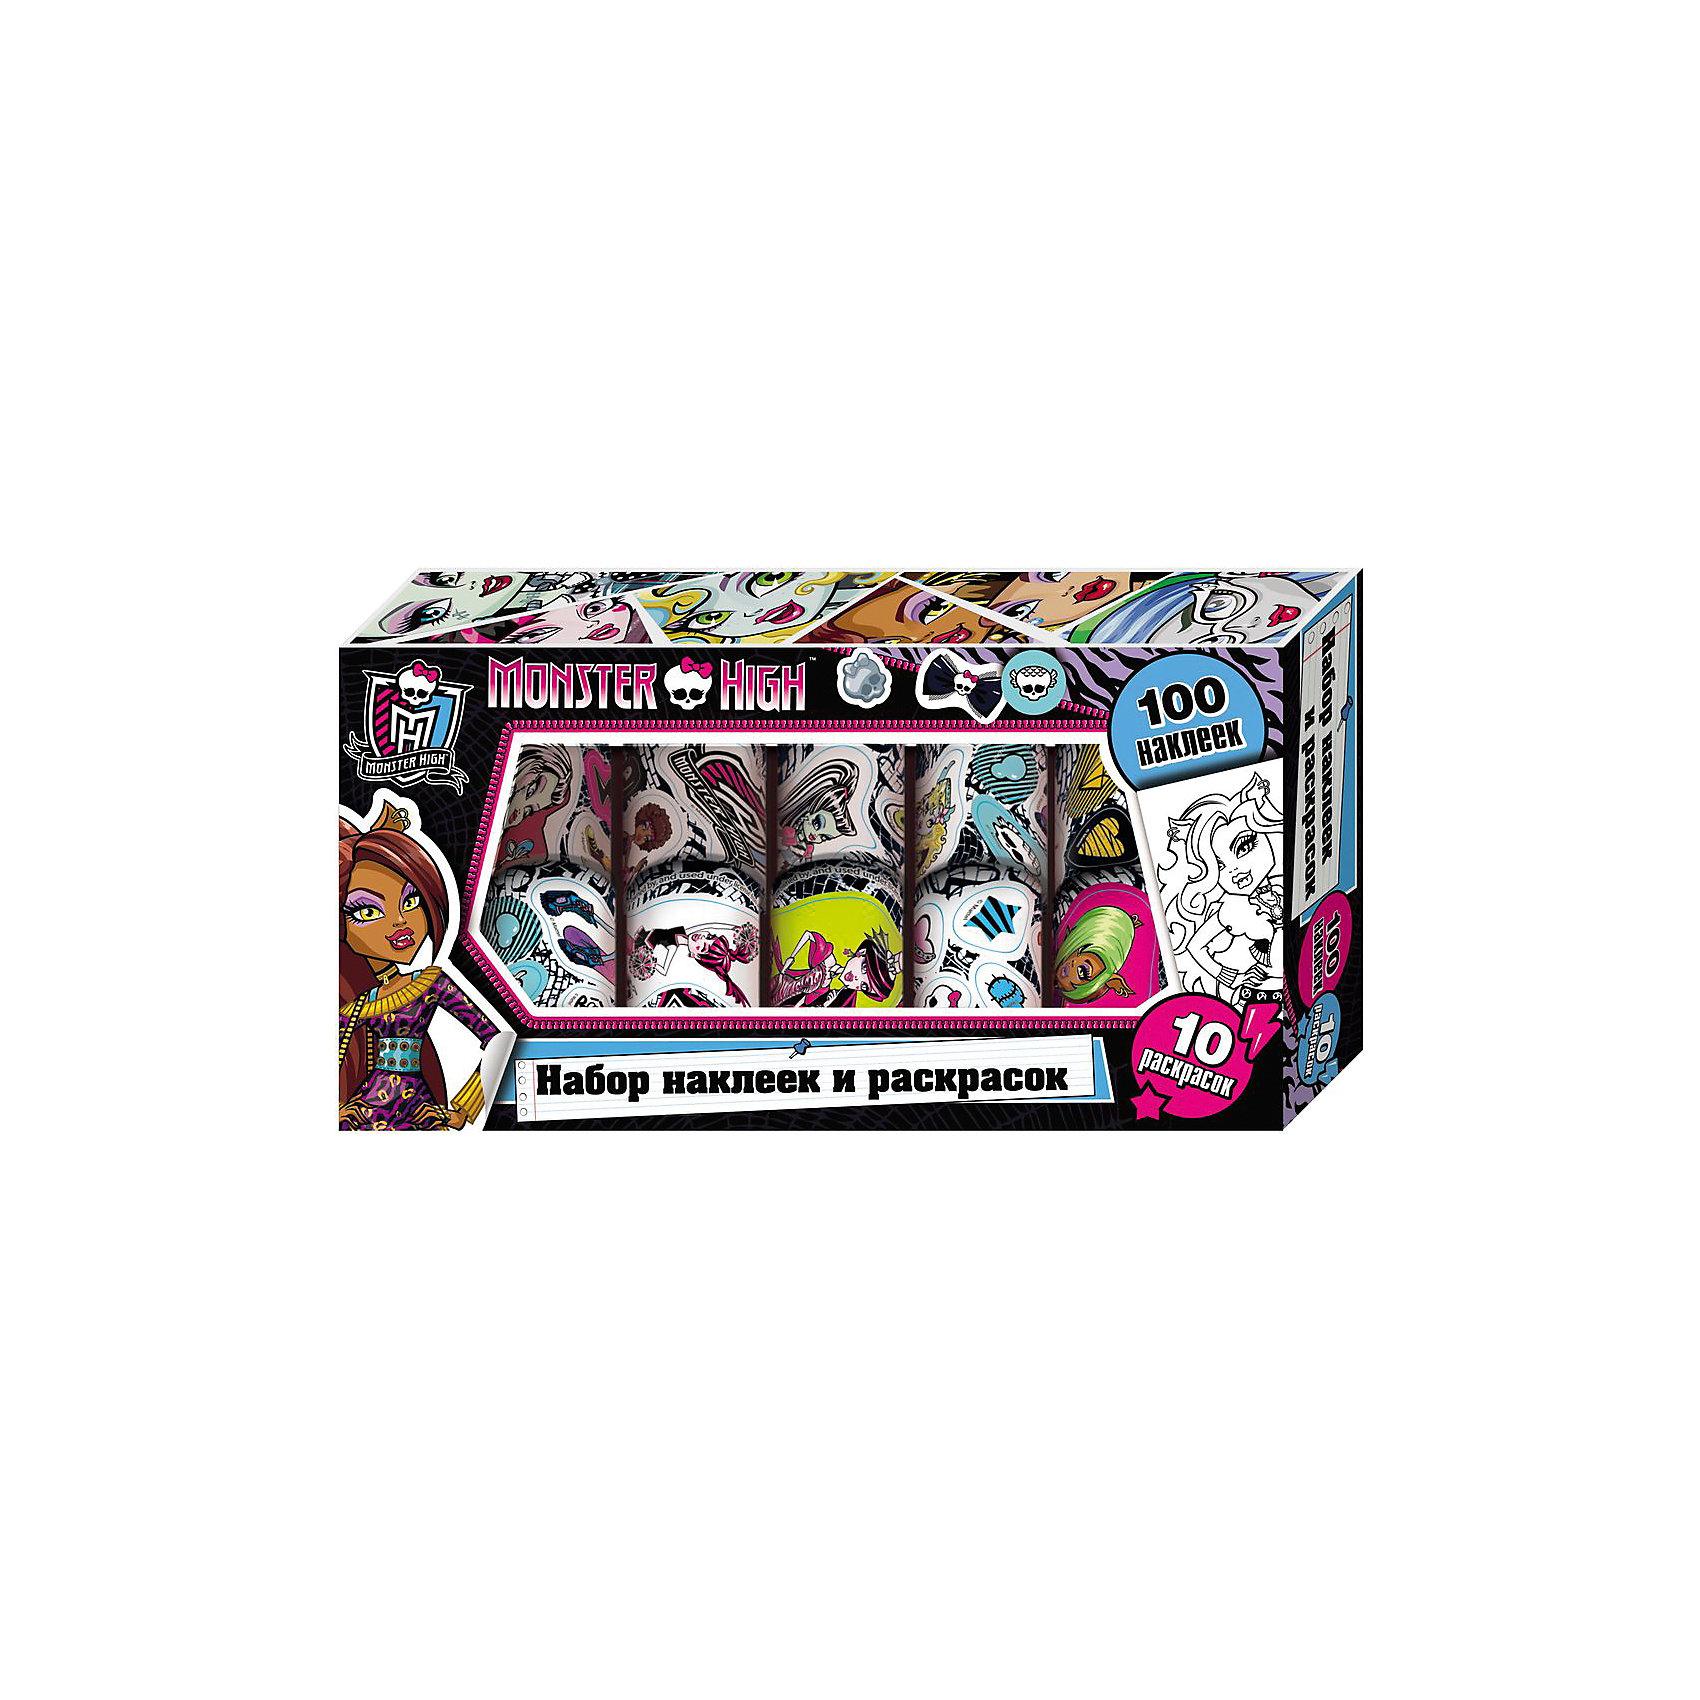 Росмэн Наклейки и раскраски в коробке, Monster High смилевска л п monster high набор наклеек и раскрасок в коробке 100 наклеек 10 раскрасок